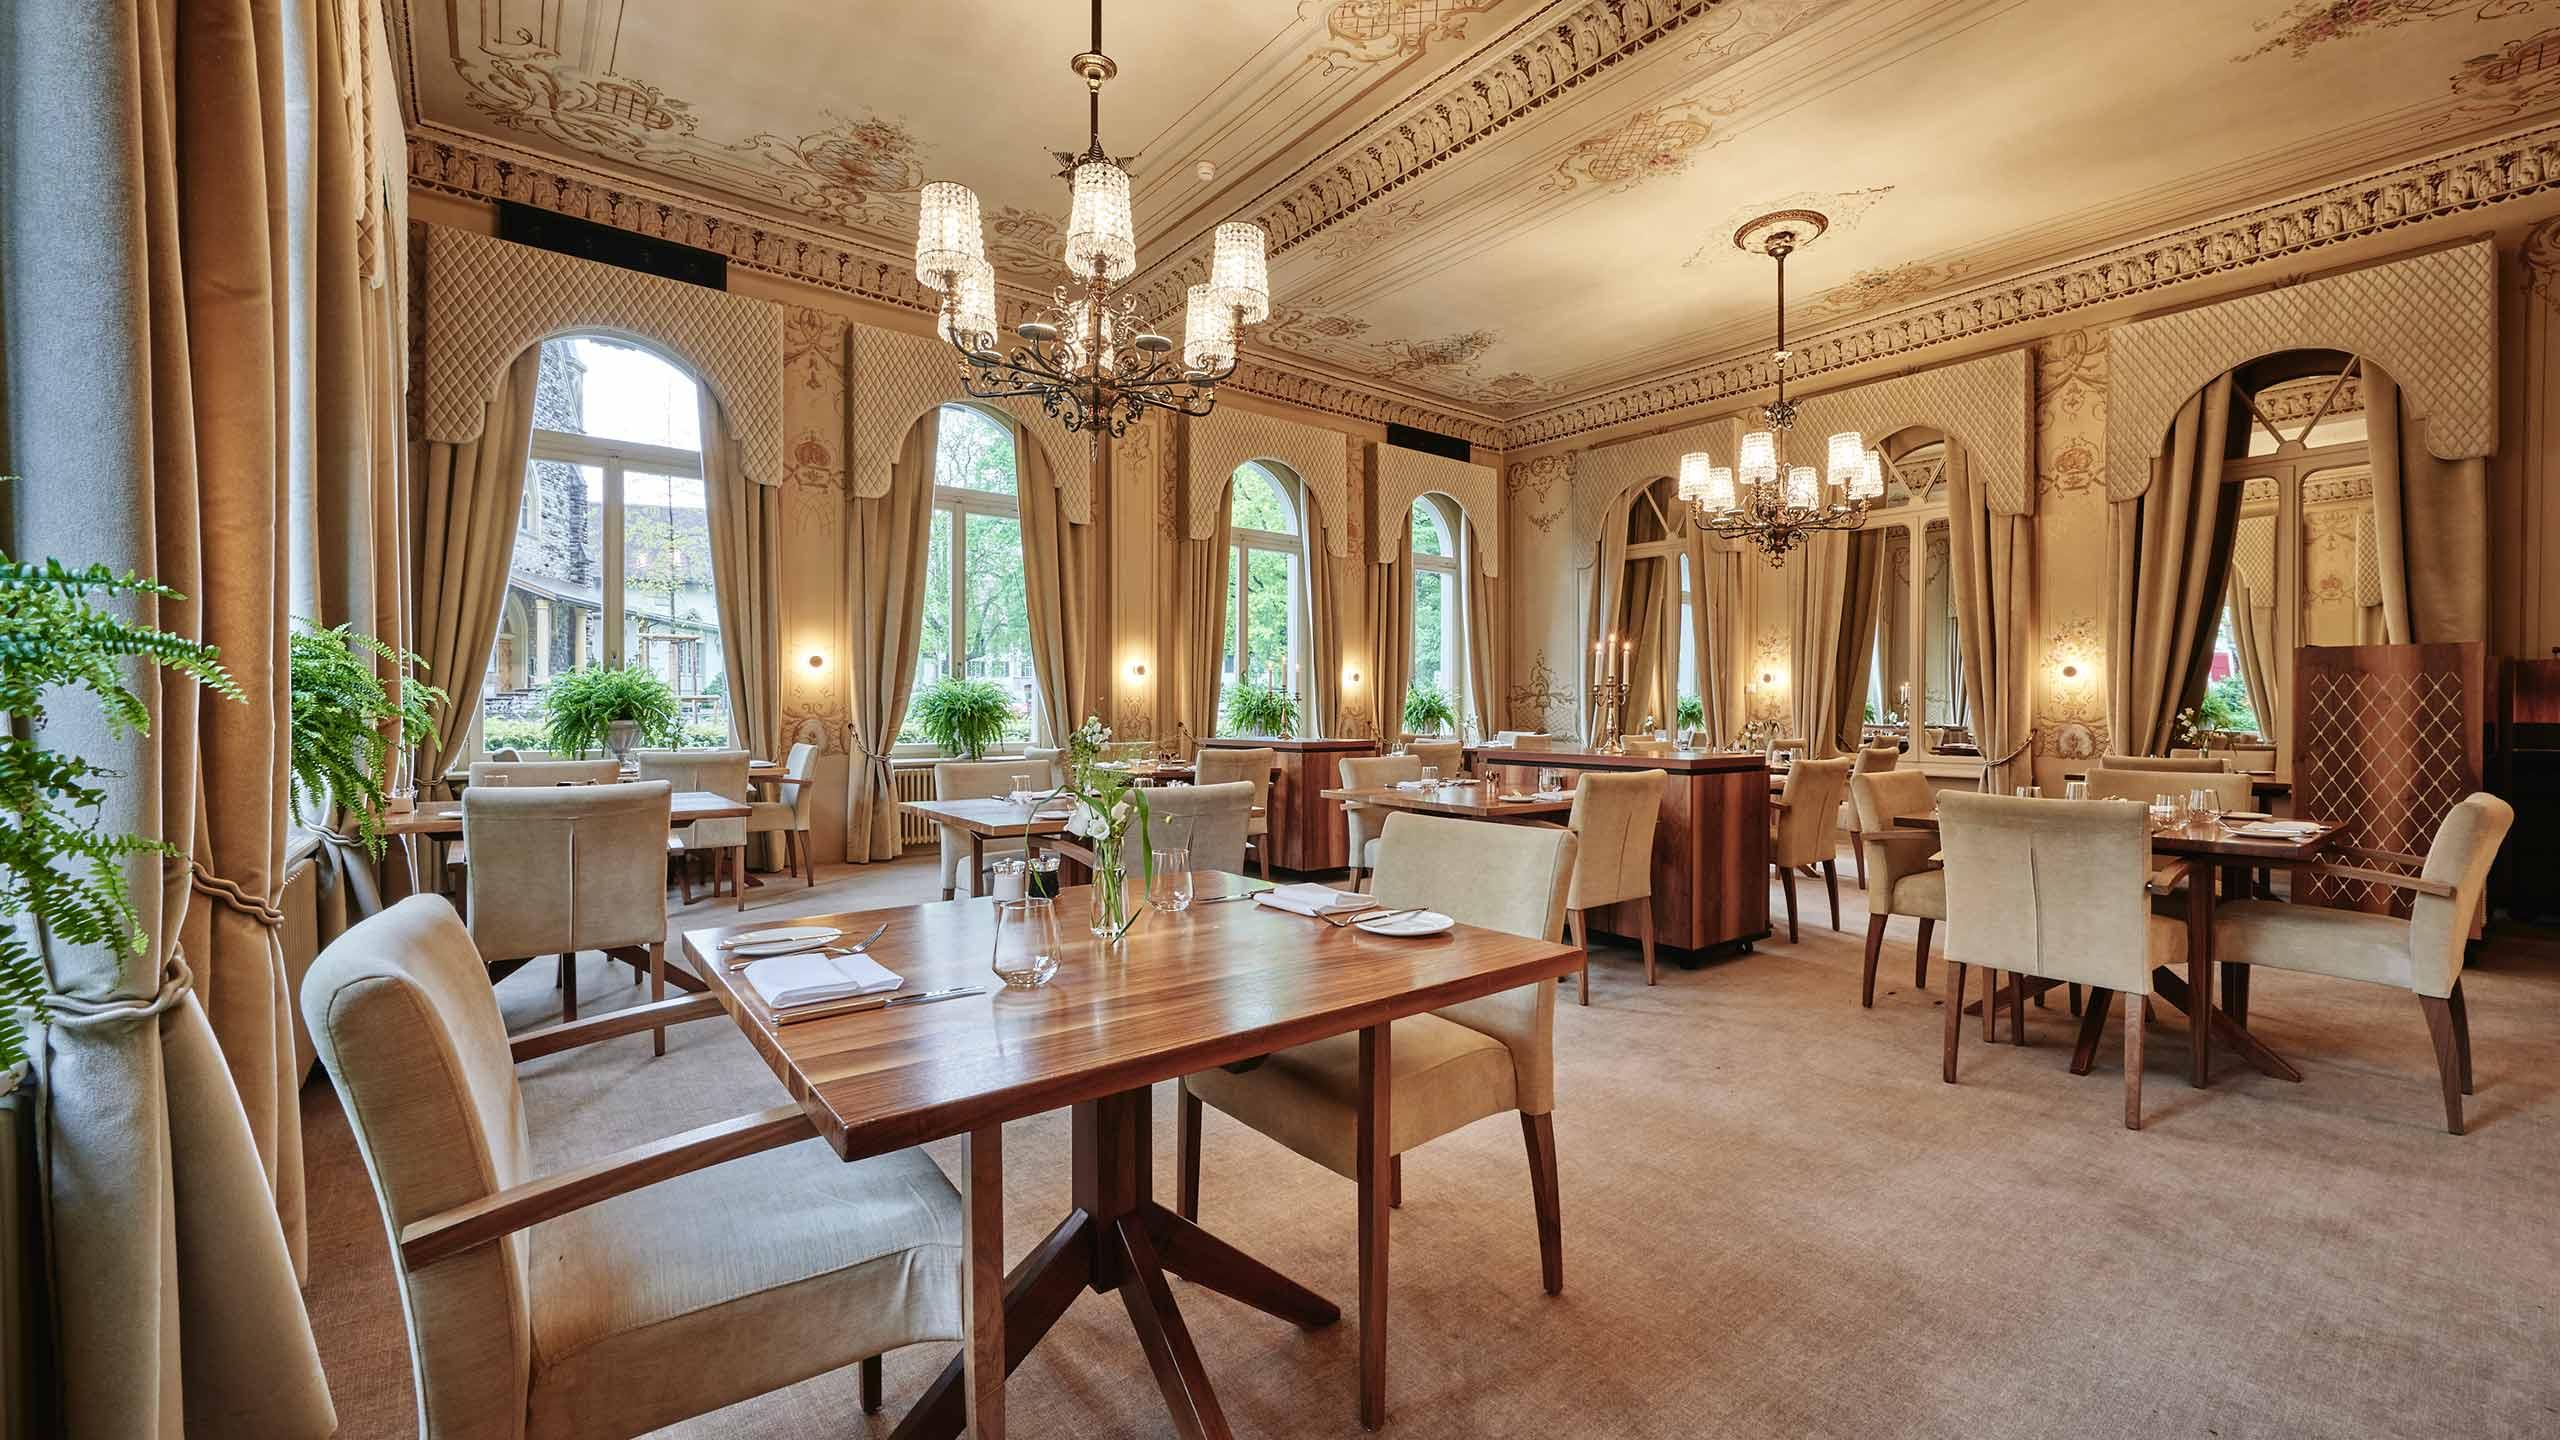 restaurant-taverne-hotel-interlaken-rococo-saal-tische-gedeckt.jpg